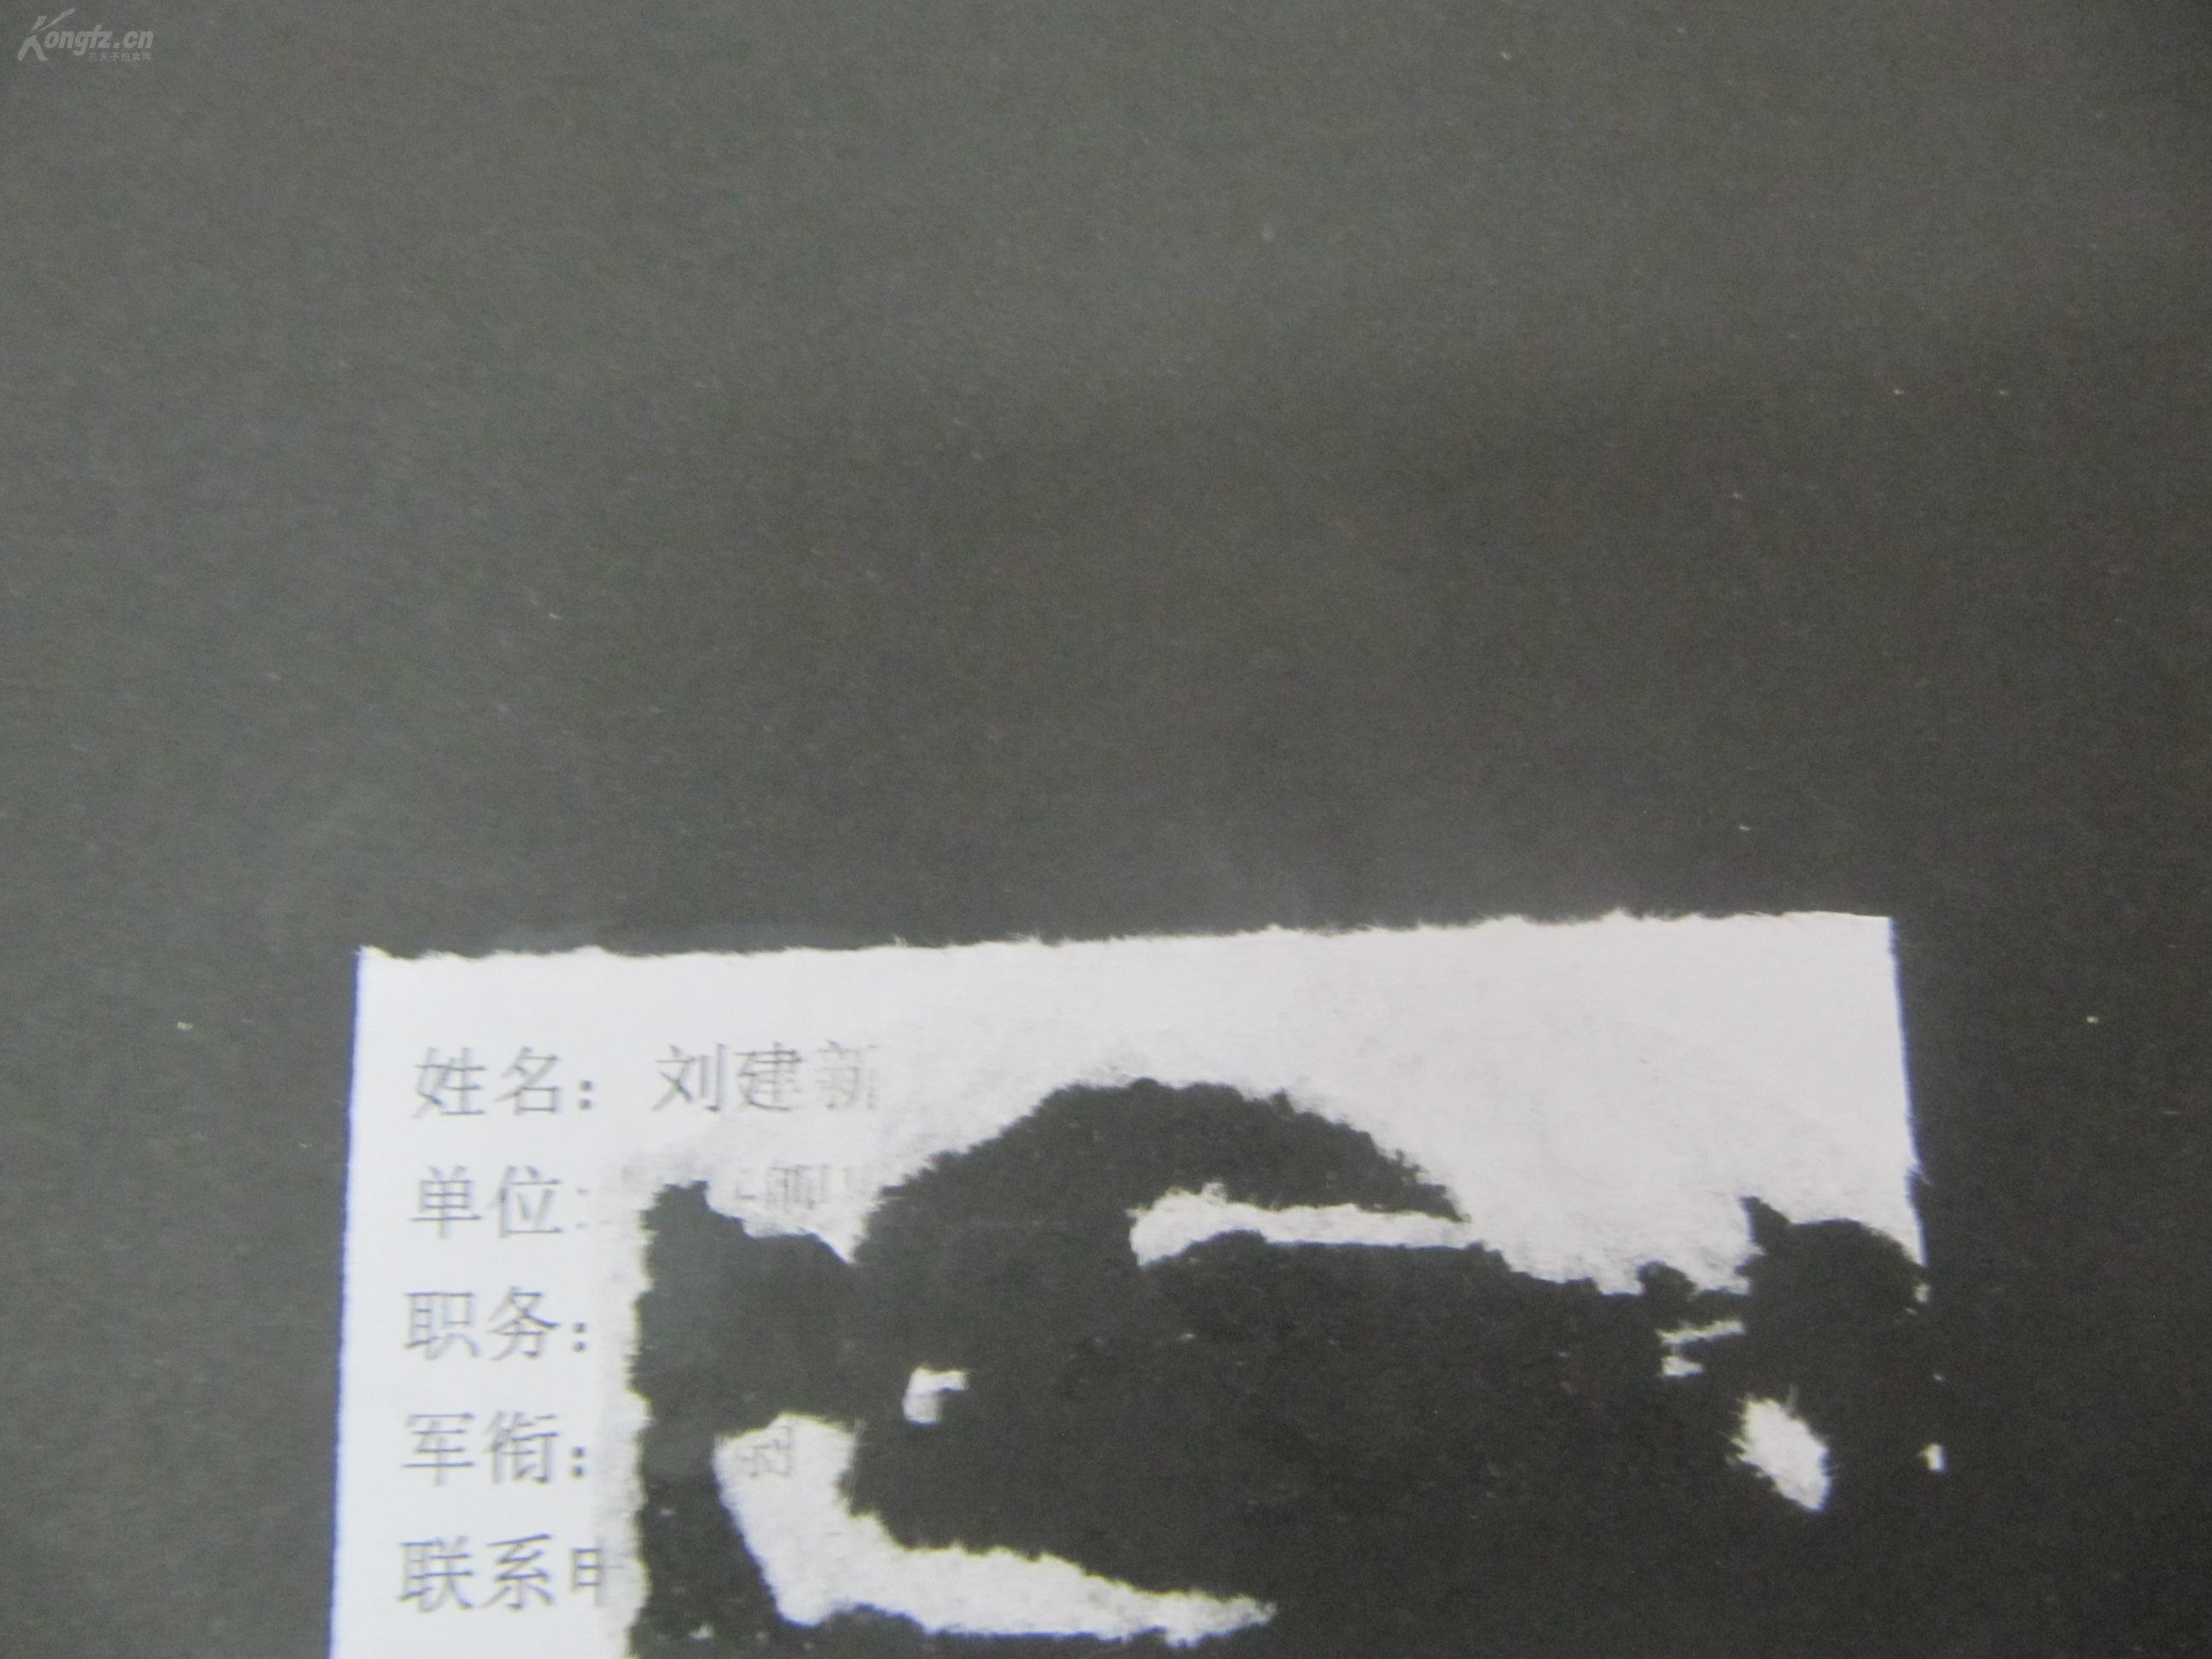 刘建新 军旅摄影照片一张 尺寸25 20厘米.